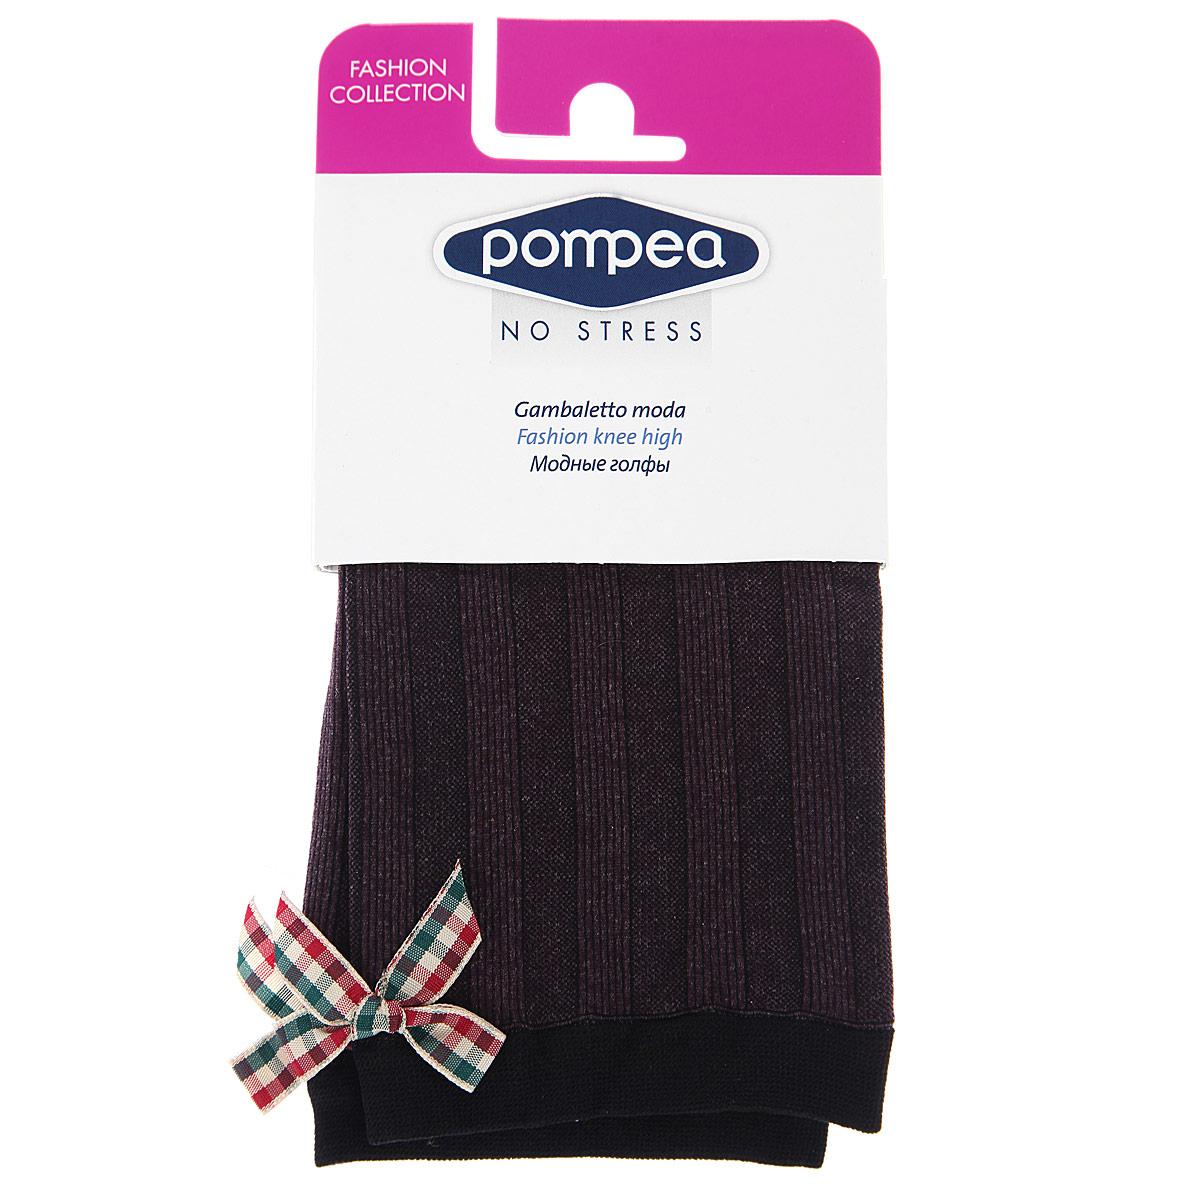 Гольфы женские Pompea Morden Fashion 70, цвет: Blackberry (черничный). 90768989/14039190. Размер универсальный